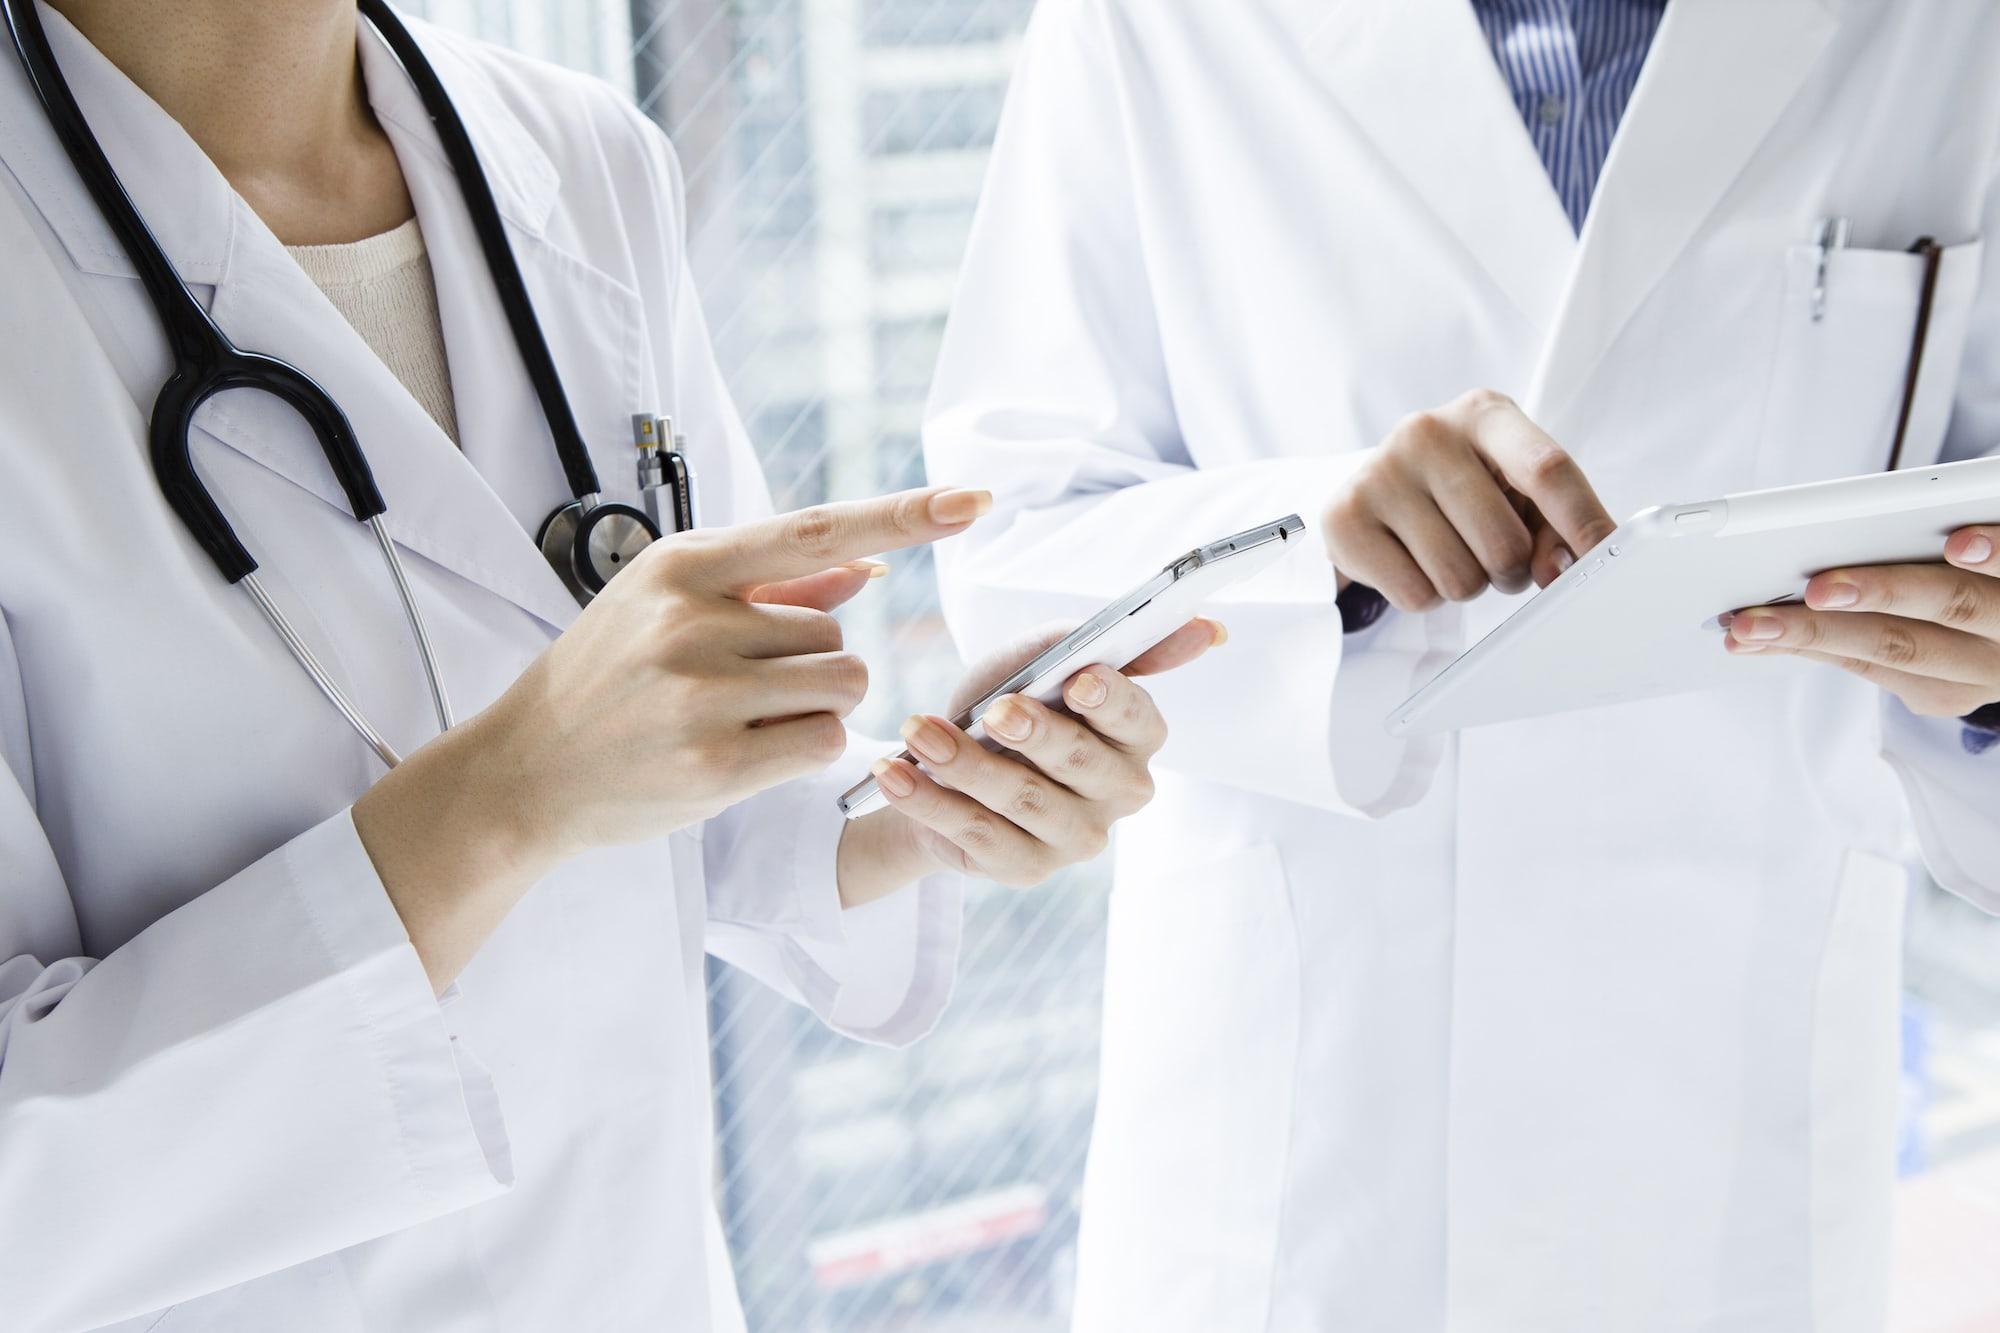 Fleet Management Software Helps Healthcare Industry Meet Demands